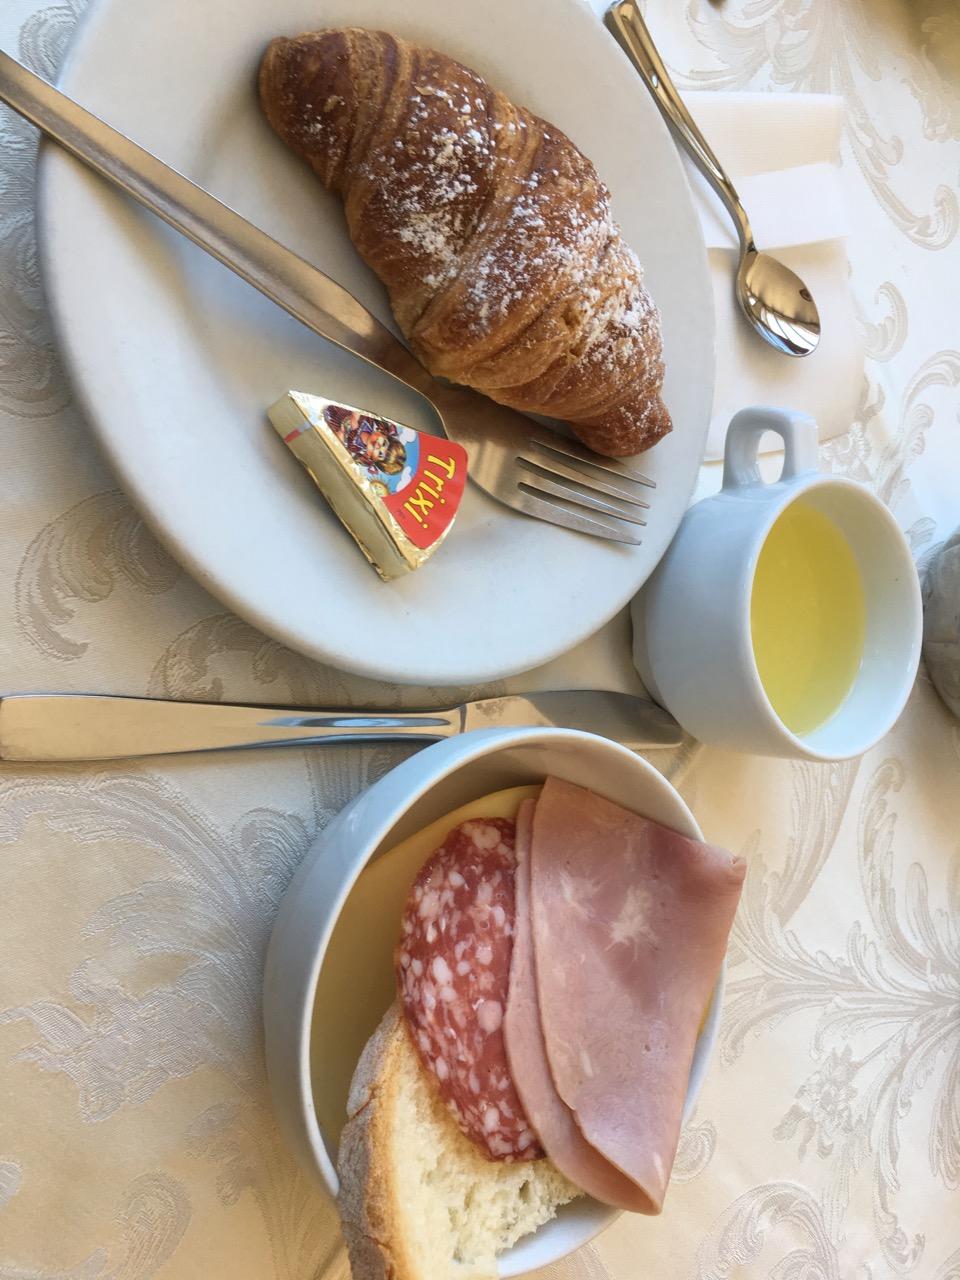 酒店的早餐,牛角包超好吃